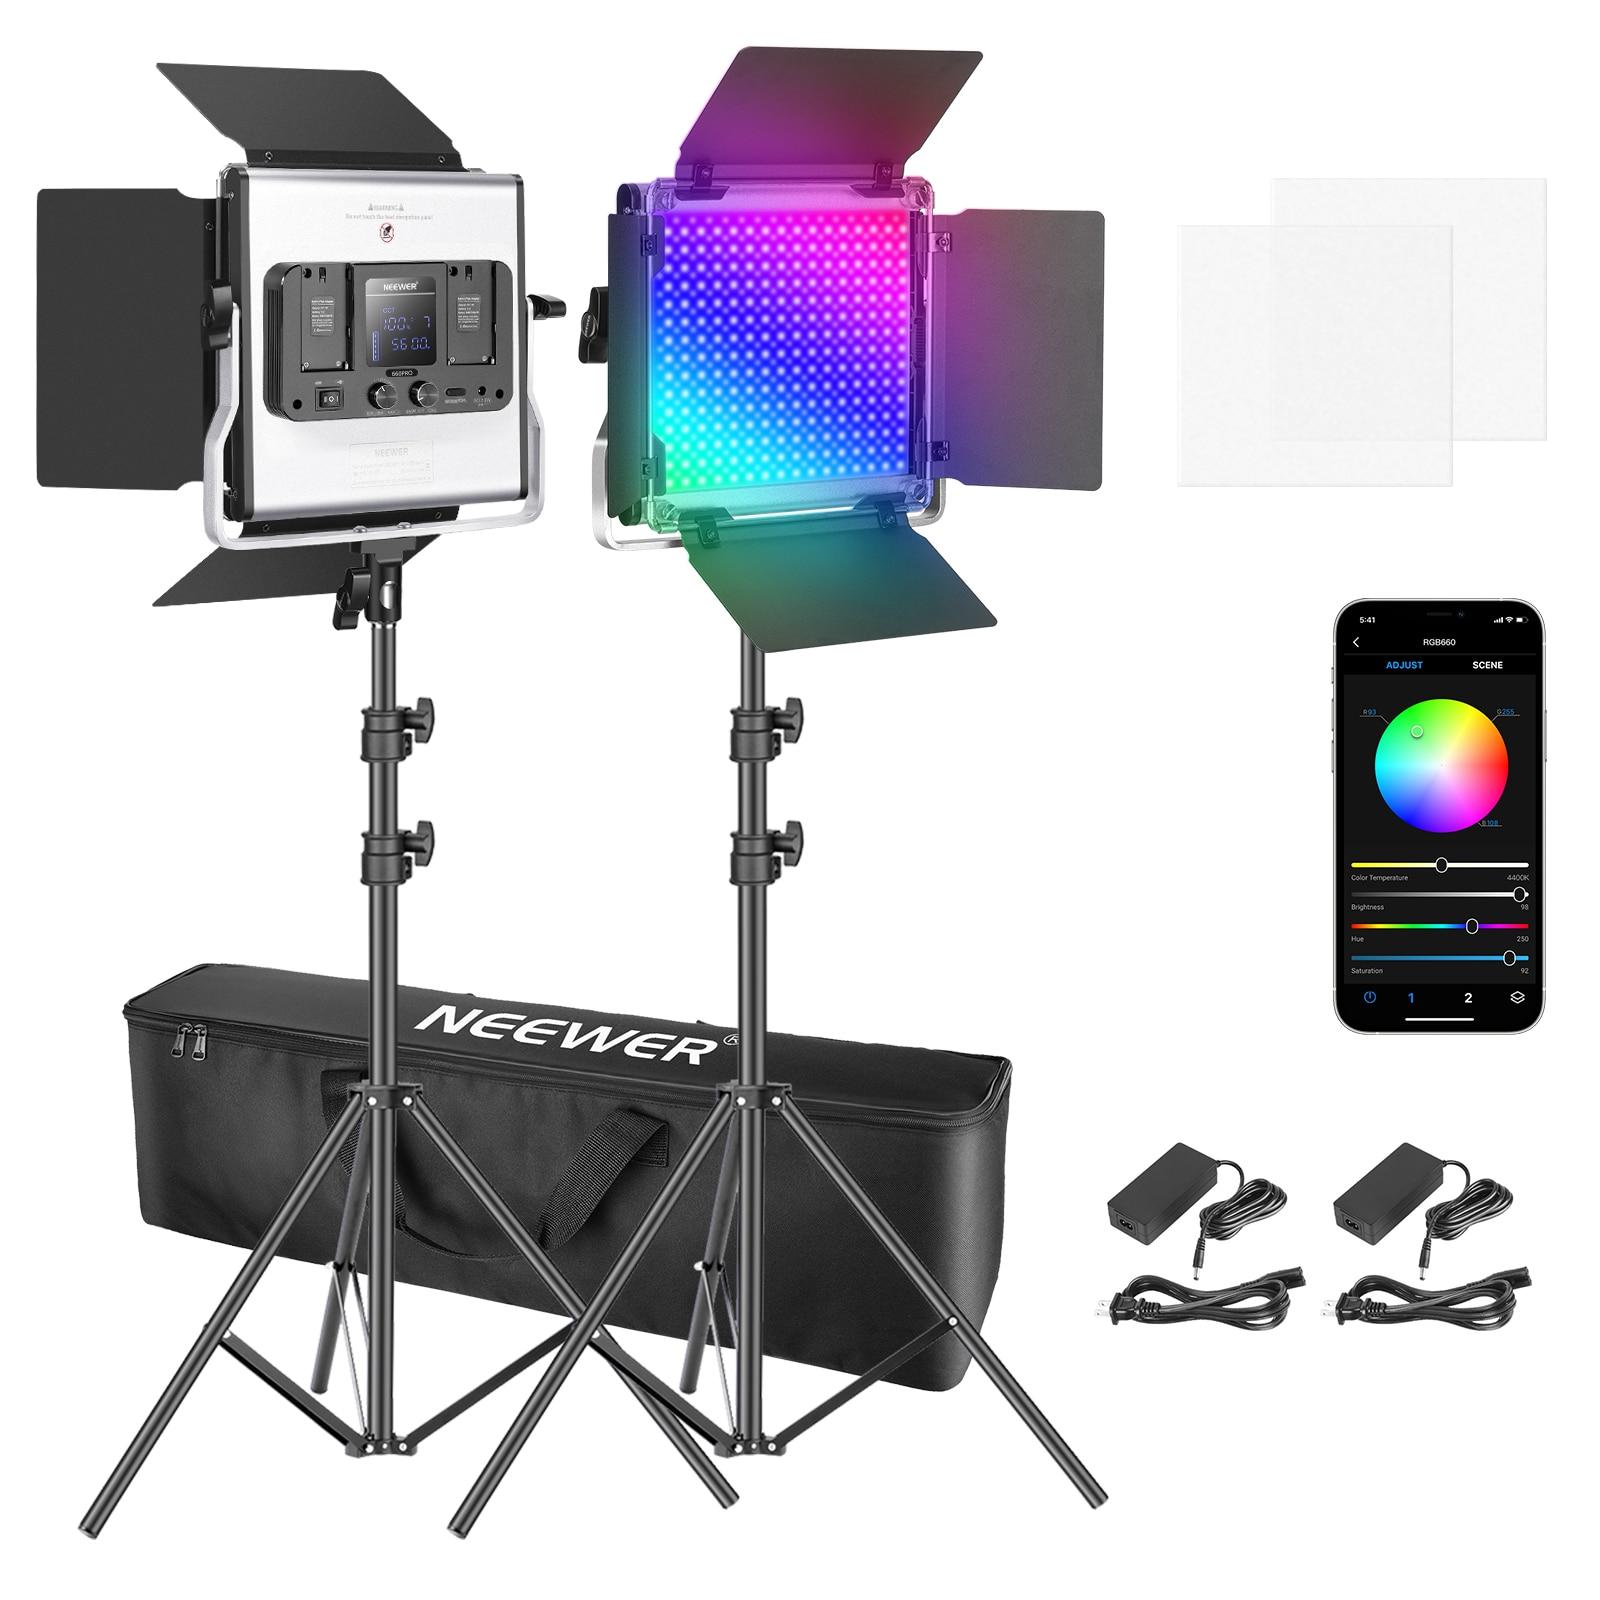 Neewer 660 RGB Led Light ، مجموعة إضاءة فيديو التصوير الفوتوغرافي مع حامل وحقيبة ، 2 حزمة